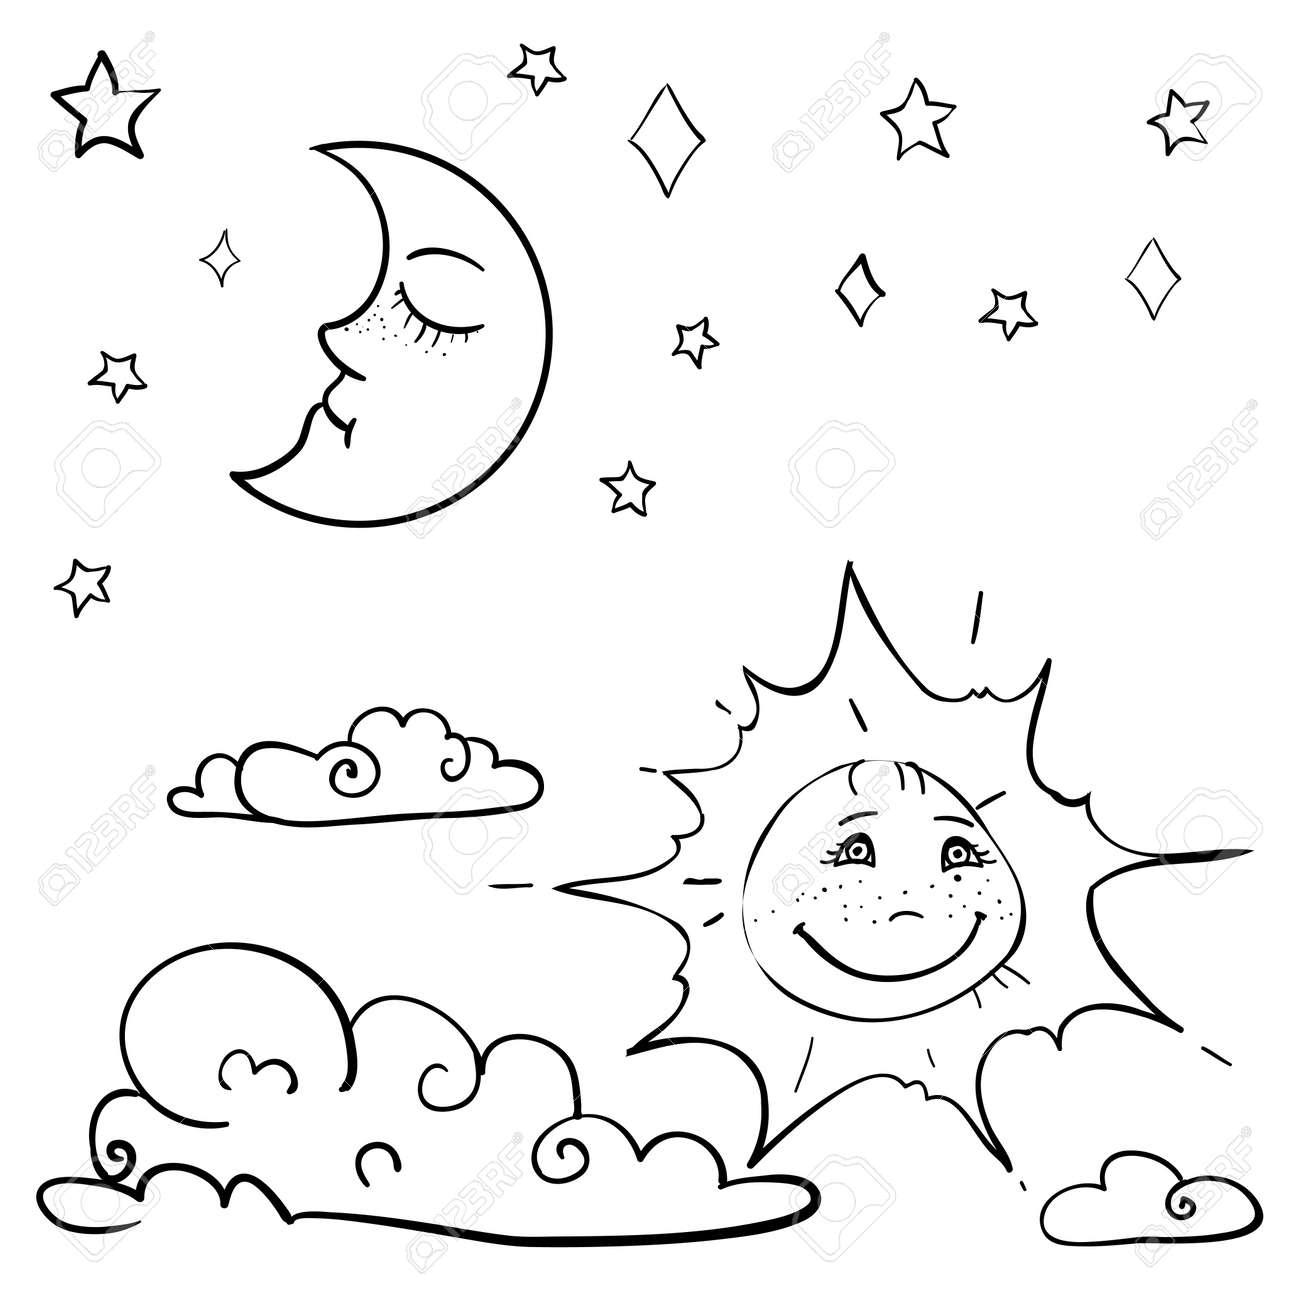 Dibujado A Mano Para Colorear Para Niños De Vectores Con La Luna Sol Nubes Estrellas Vector